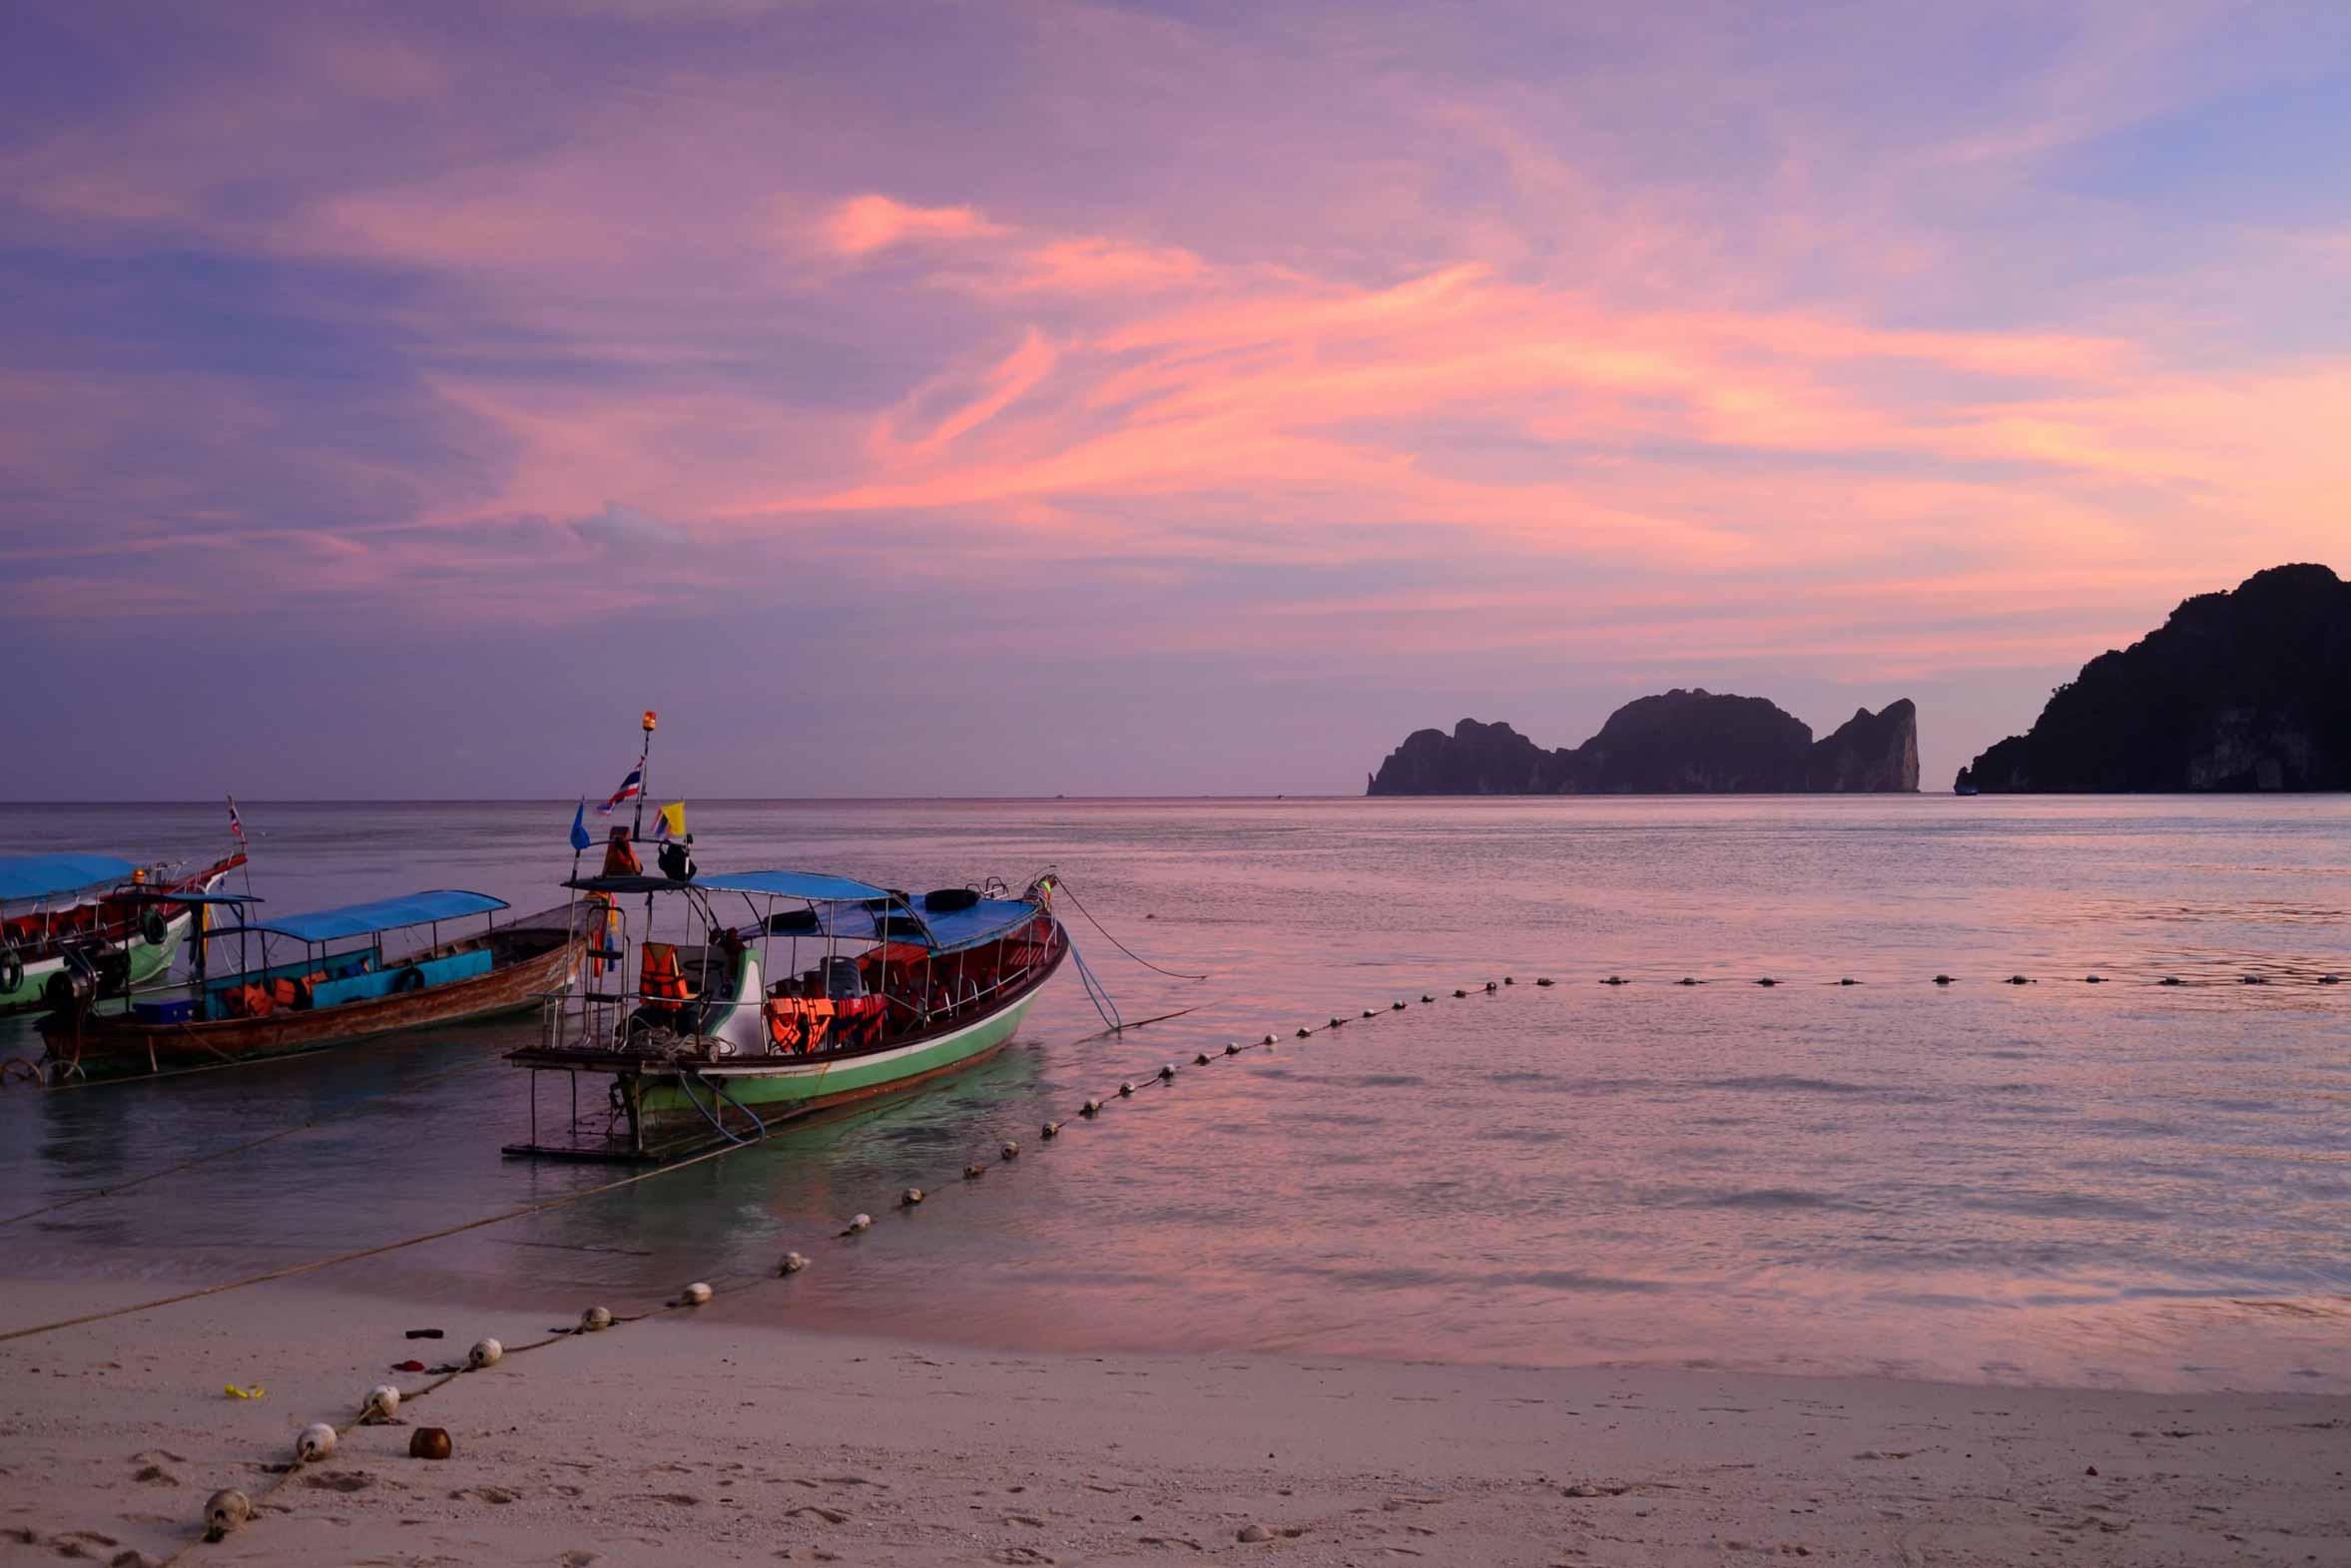 romatischer-sonnenuntergang-typisch-thailand